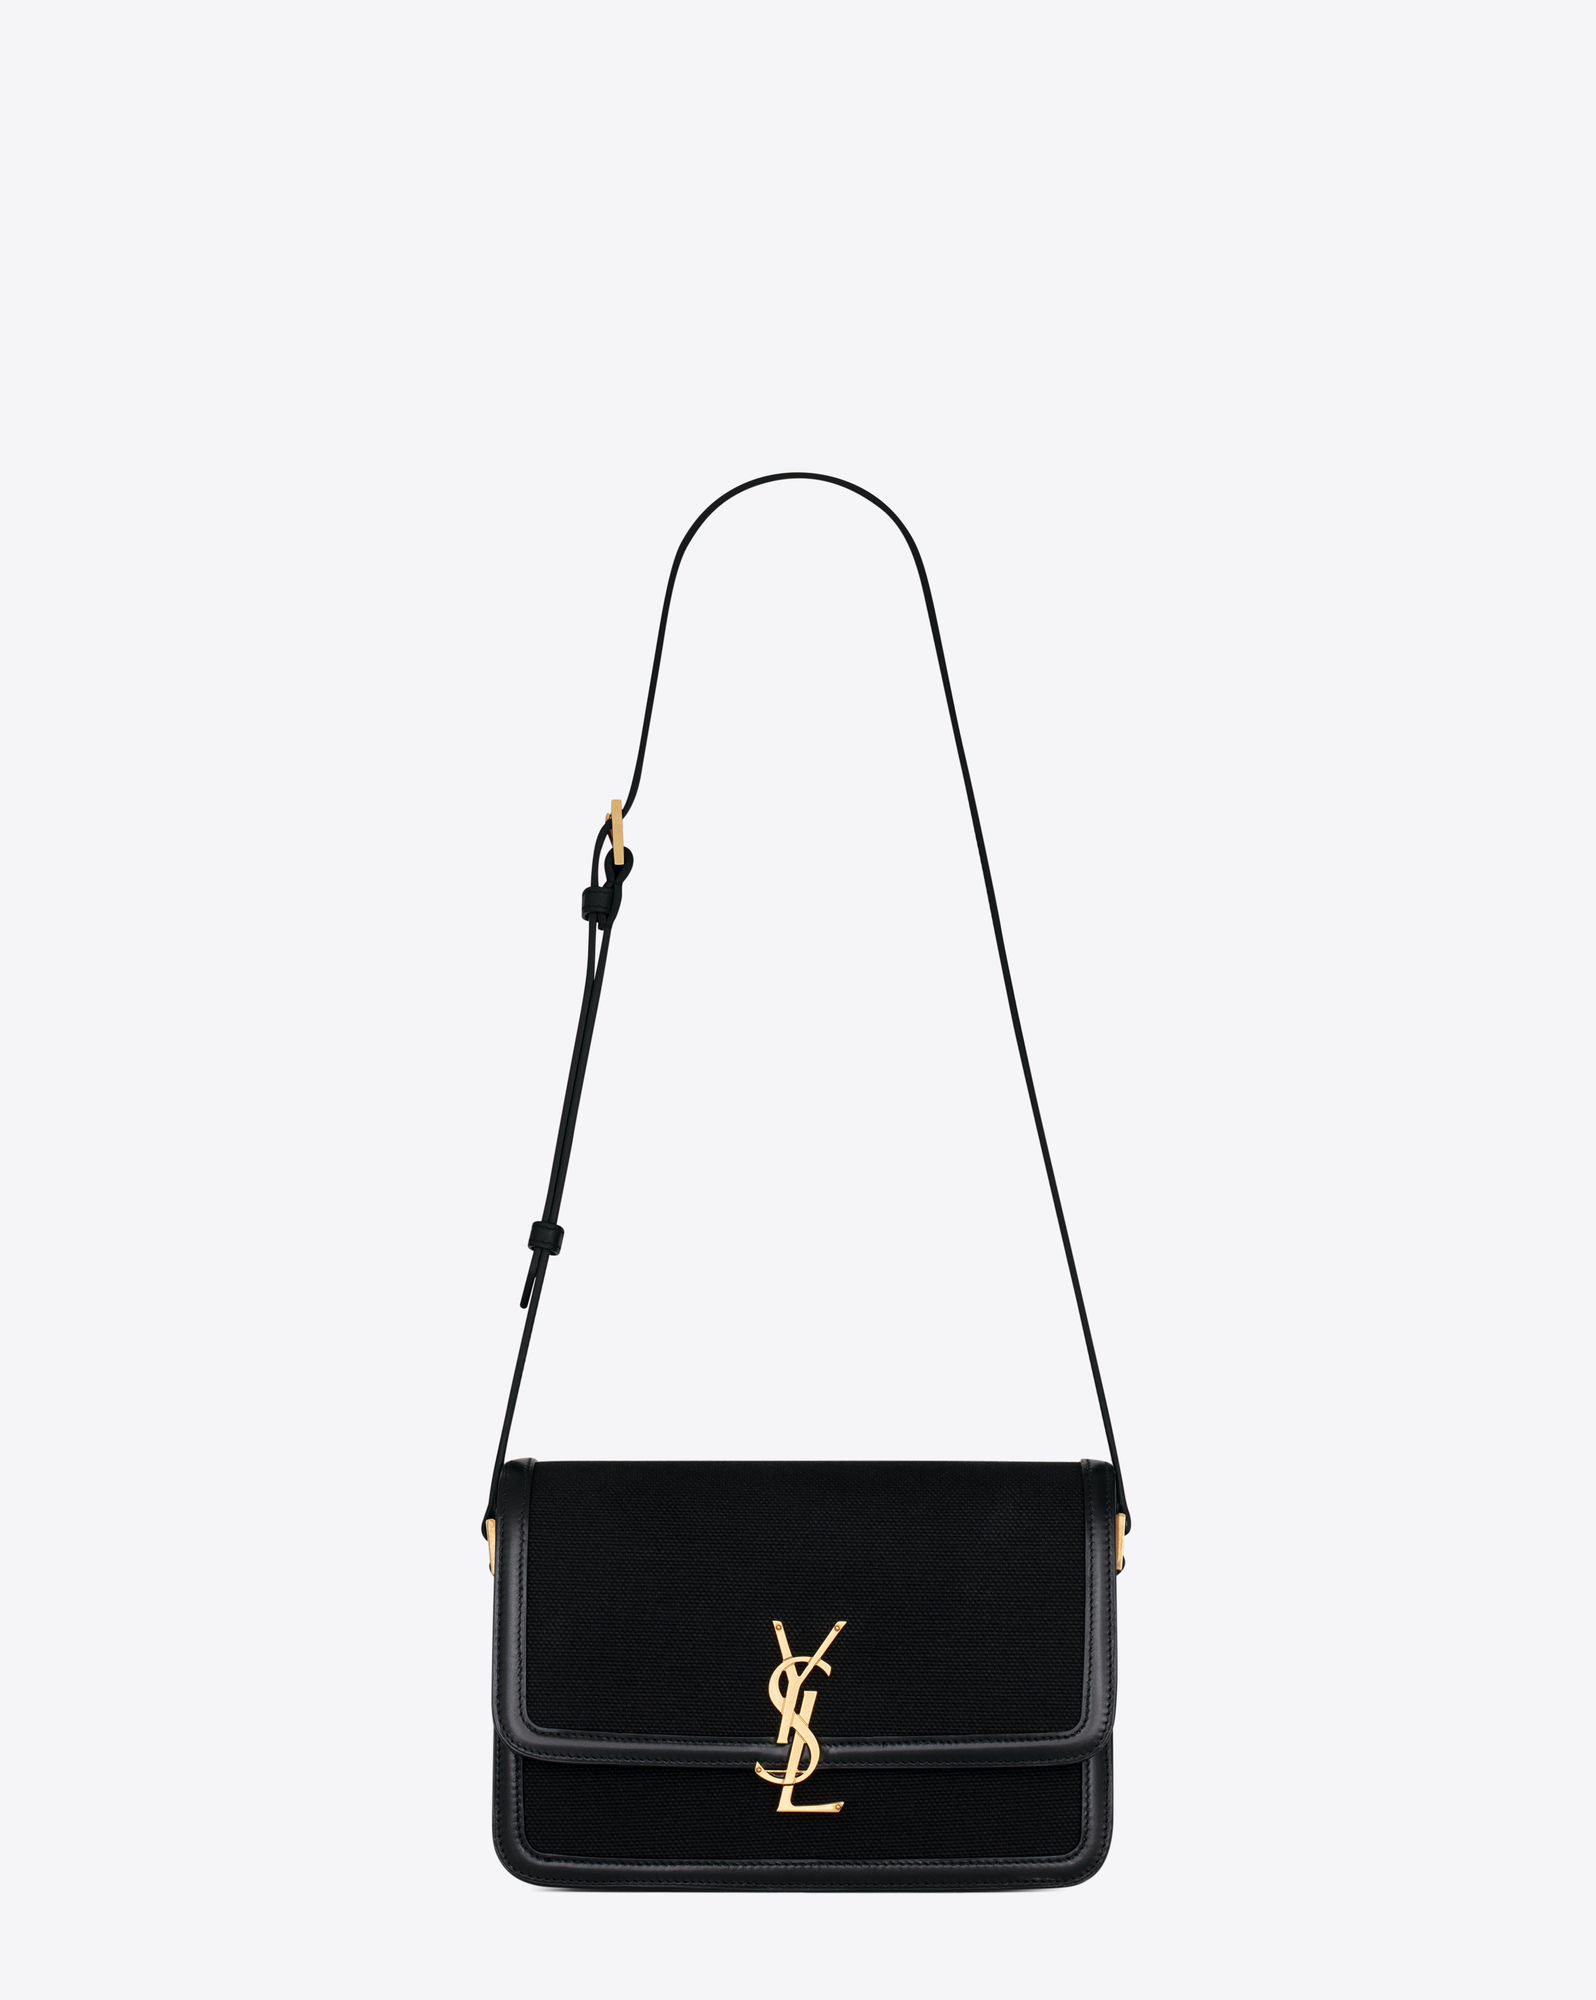 Saint Laurent New It Bag